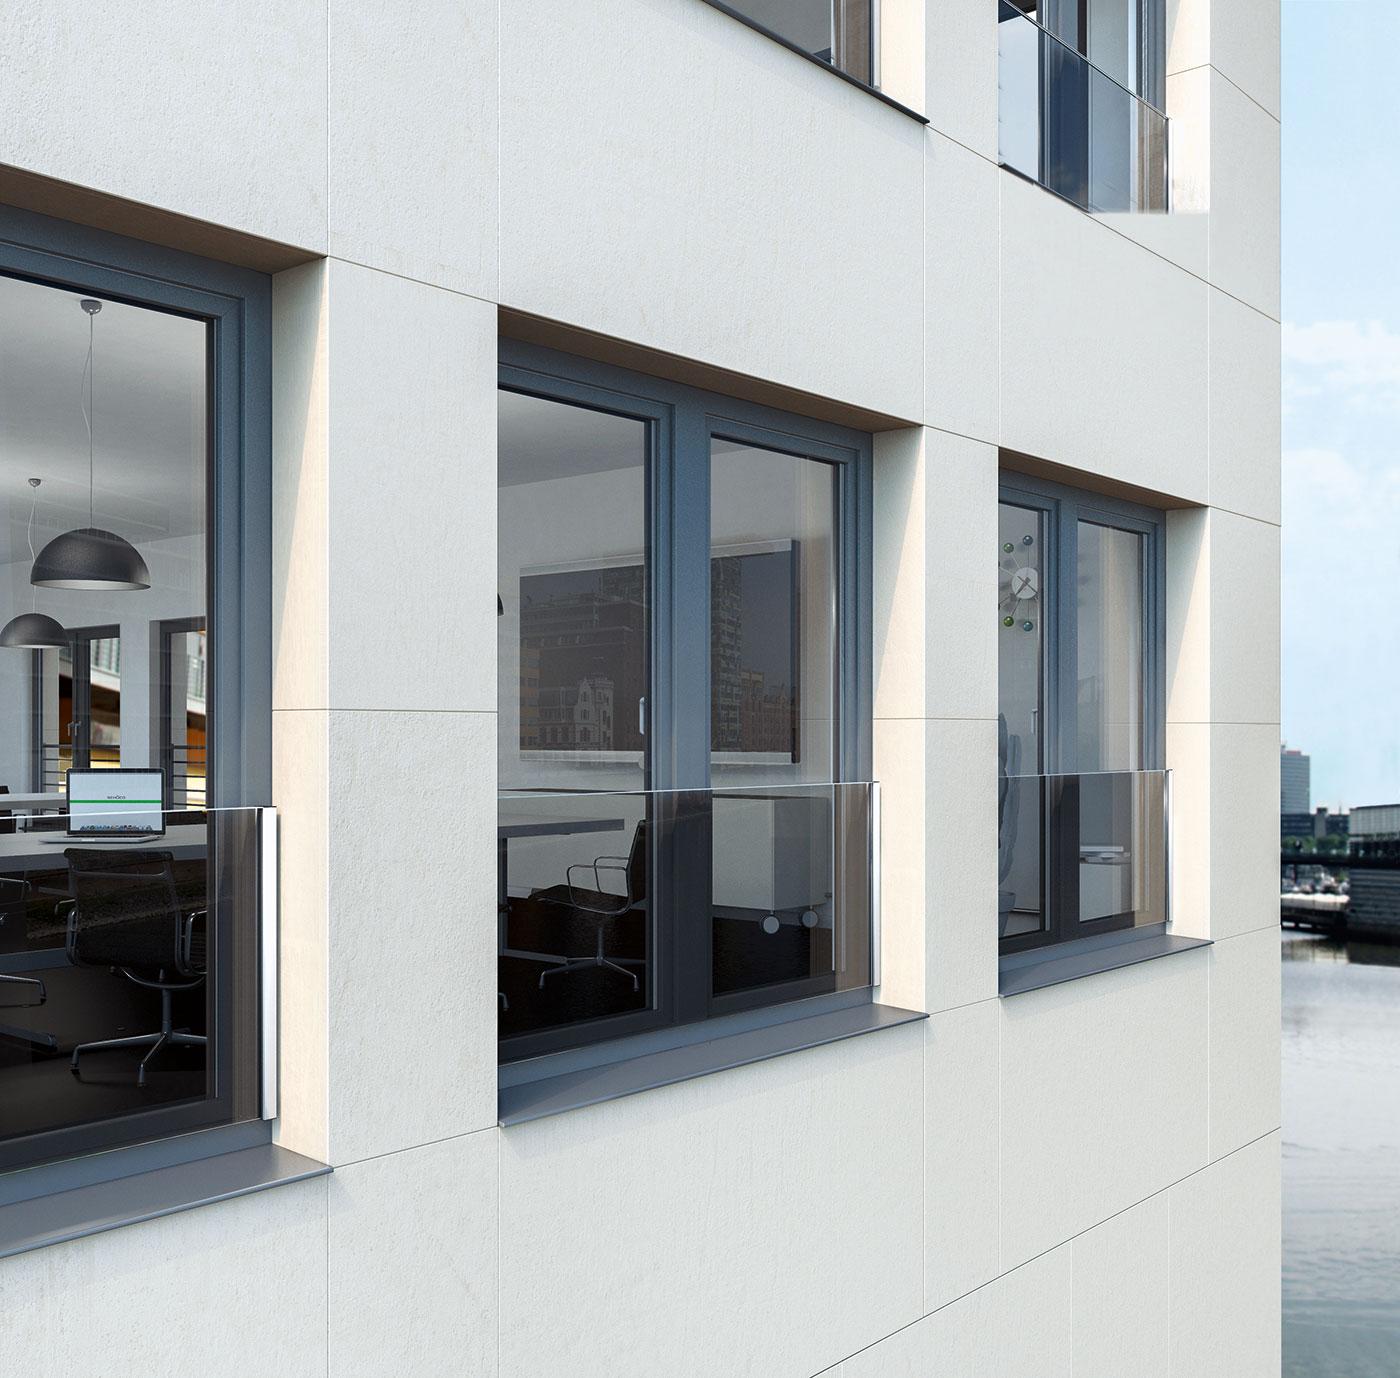 Fenster aus Kunststoff mit Absturzsicherung von Ottis Türen und Fenster